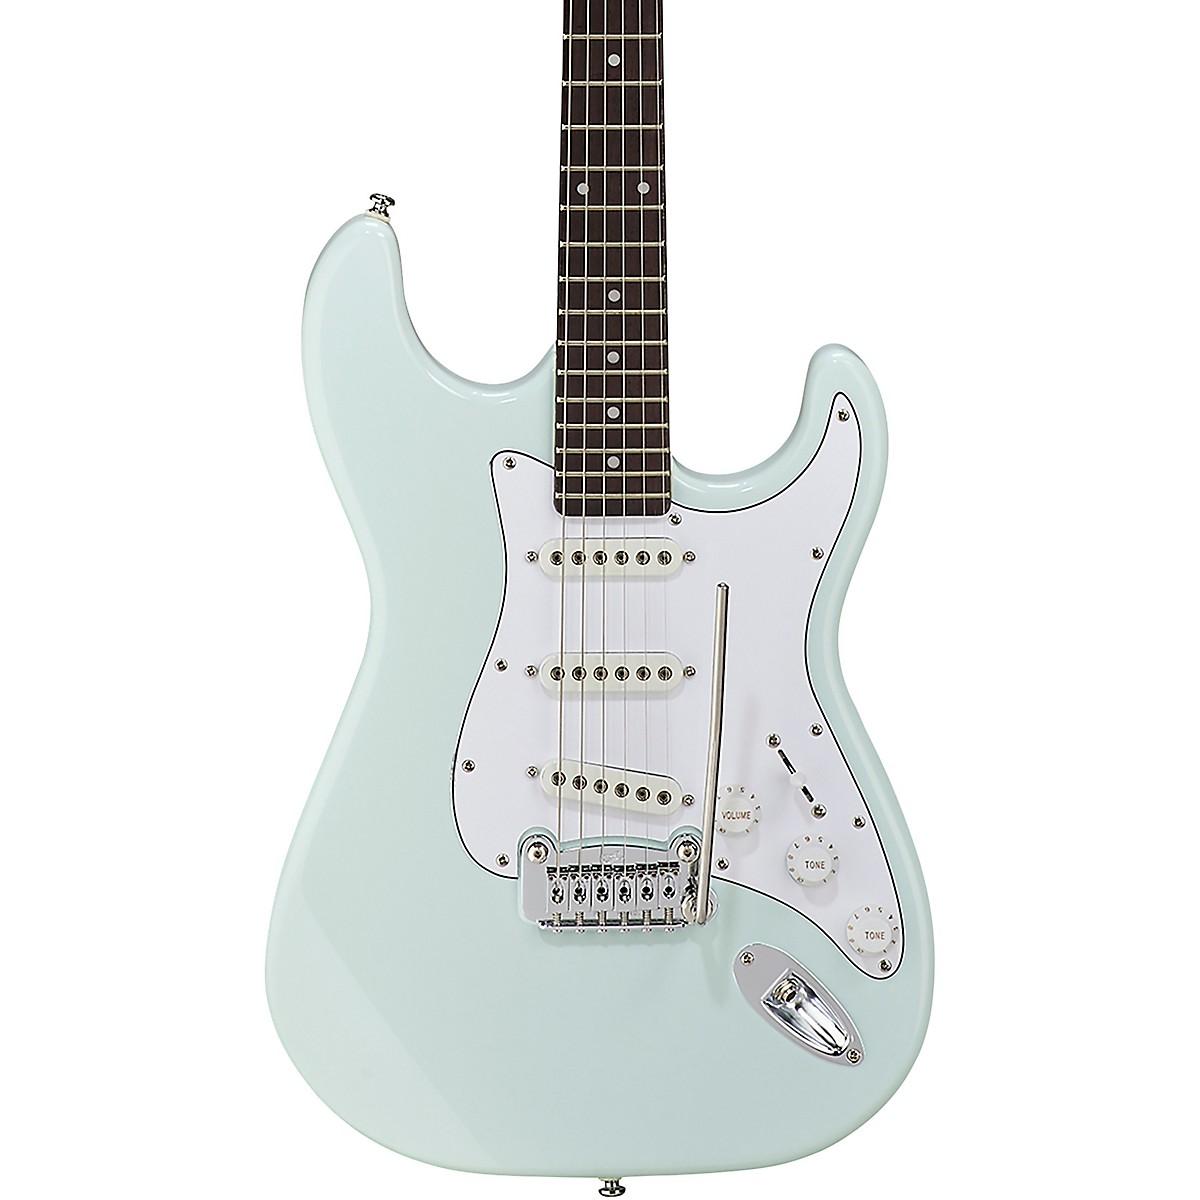 G&L Tribute S500 Electric Guitar